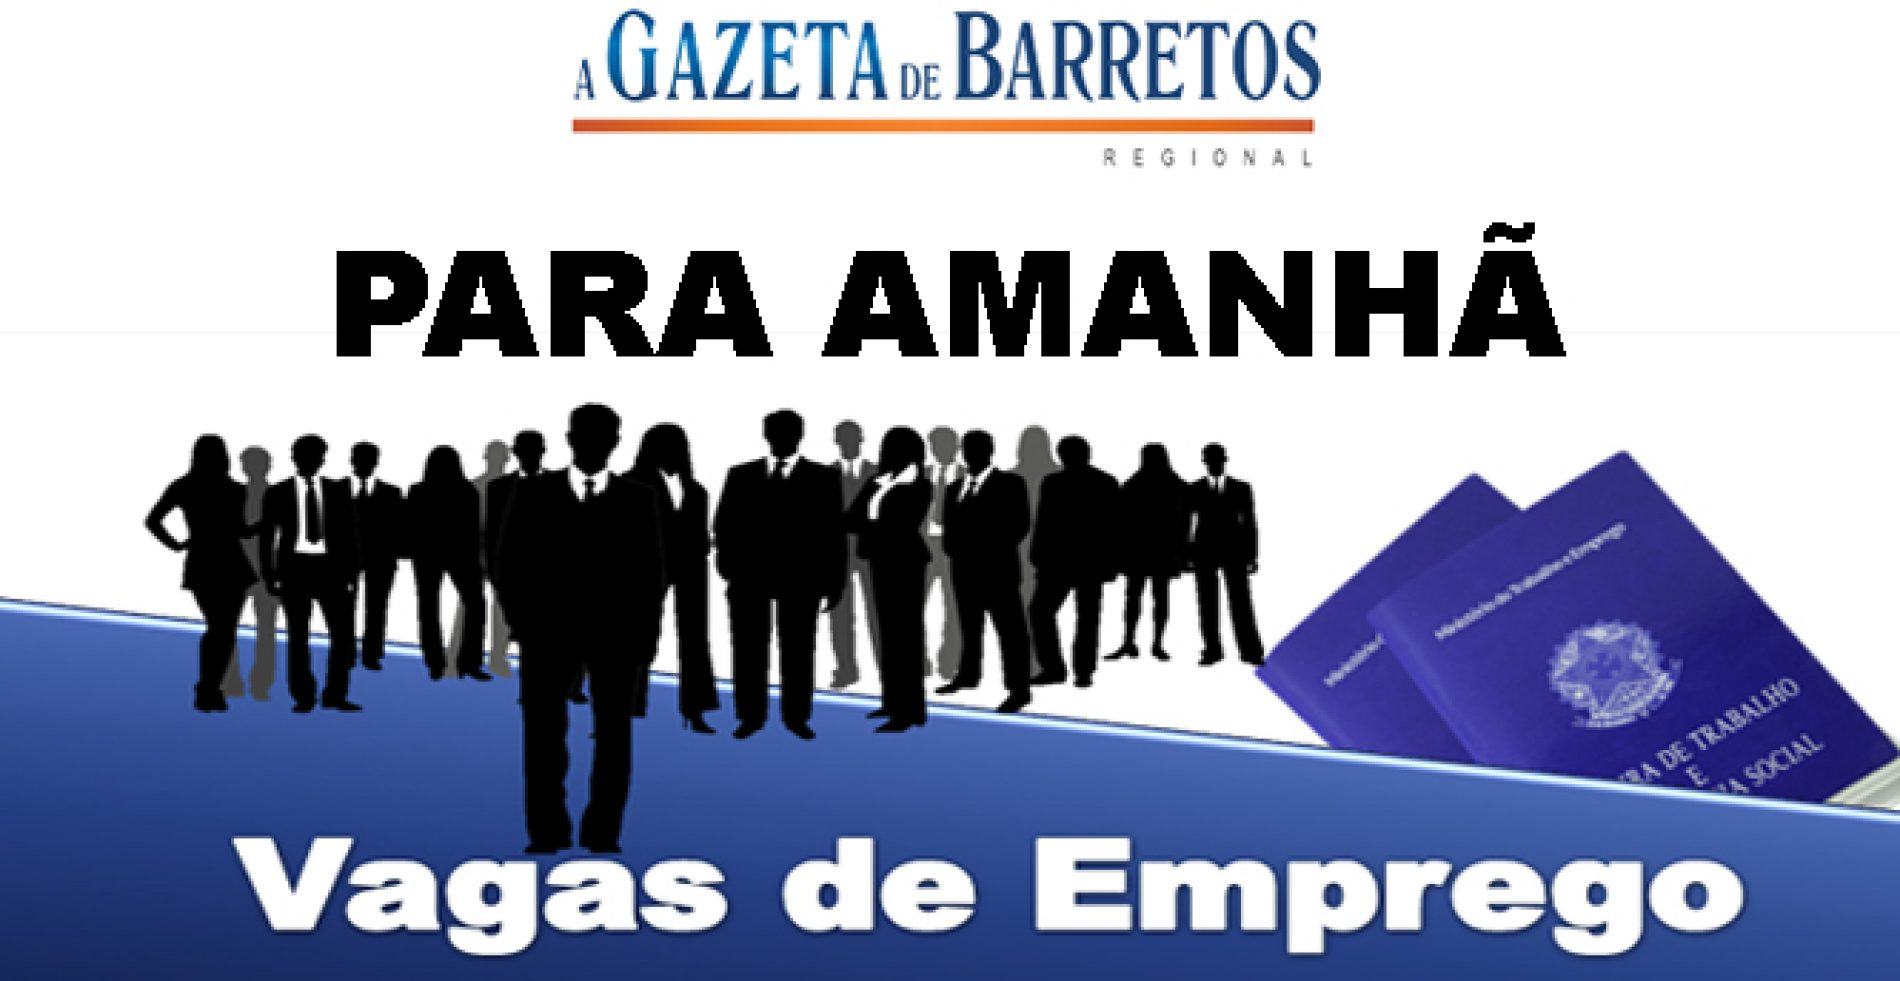 EMPREGO: VAGAS DISPONÍVEIS PARA AMANHÃ 12/07/2019